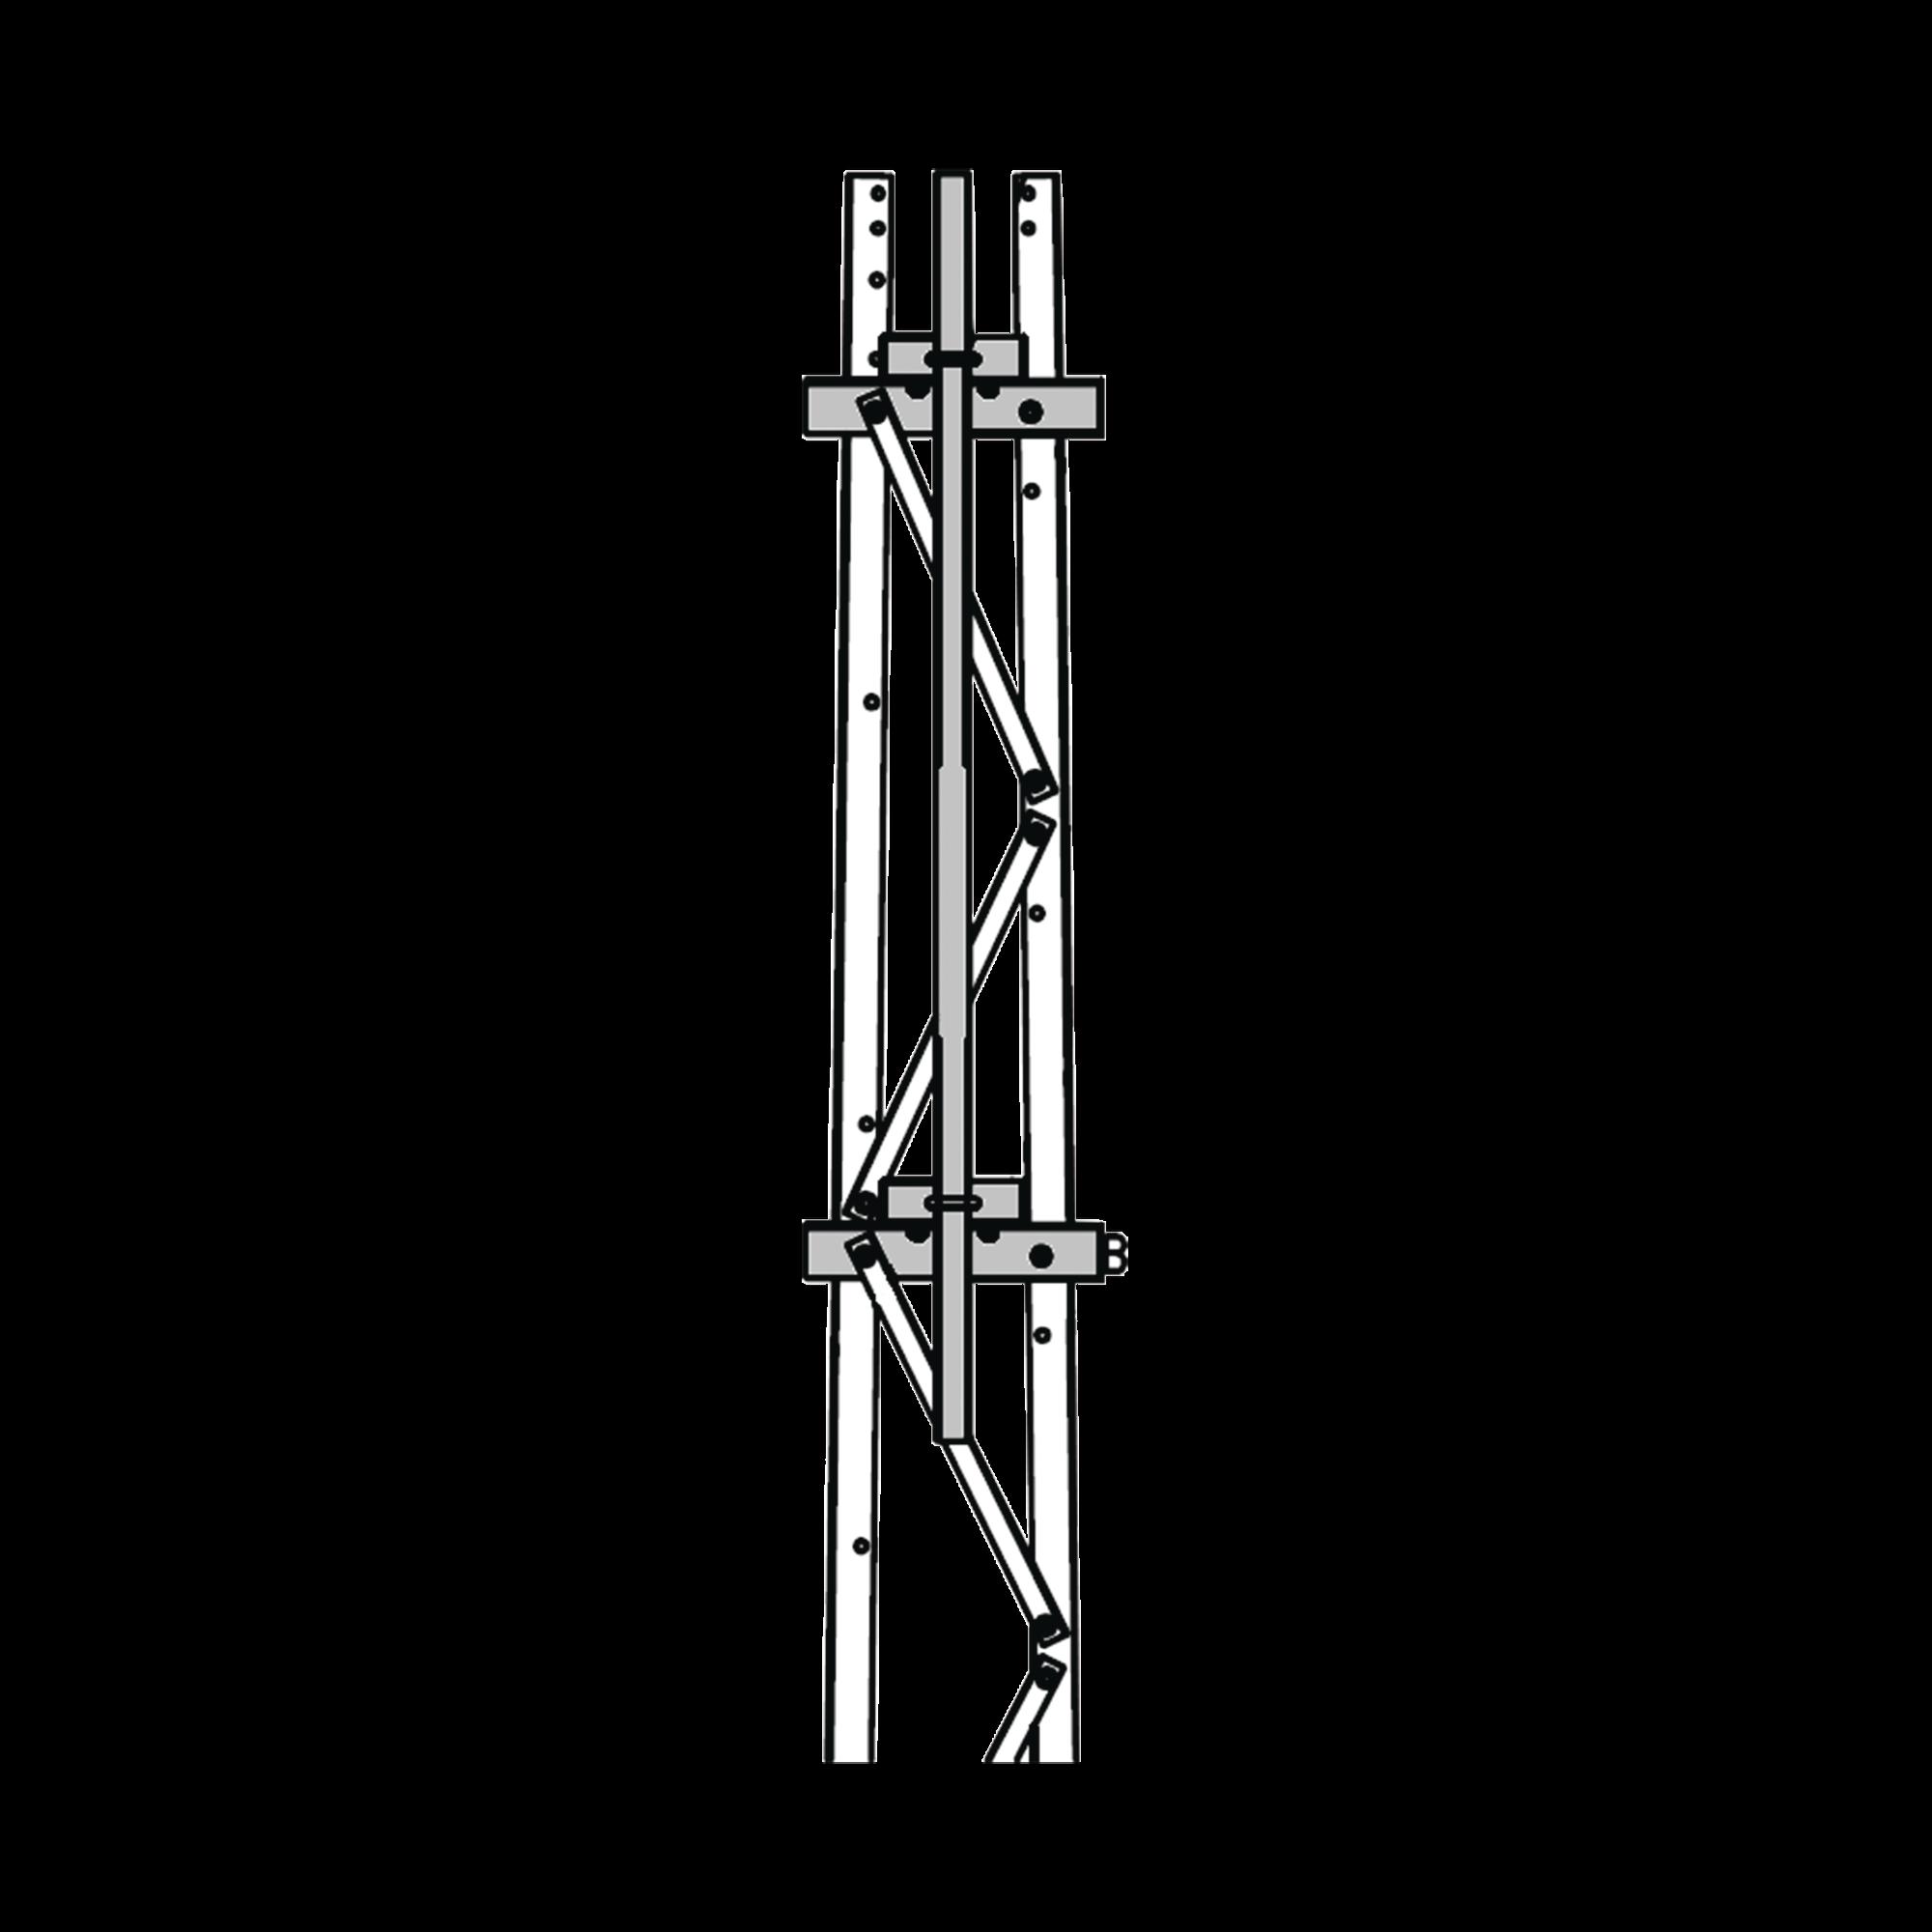 Mástil 2-3/8 x 1.8 m para Montaje en Cara de Torre Super Titan Secciones 1 a 3.